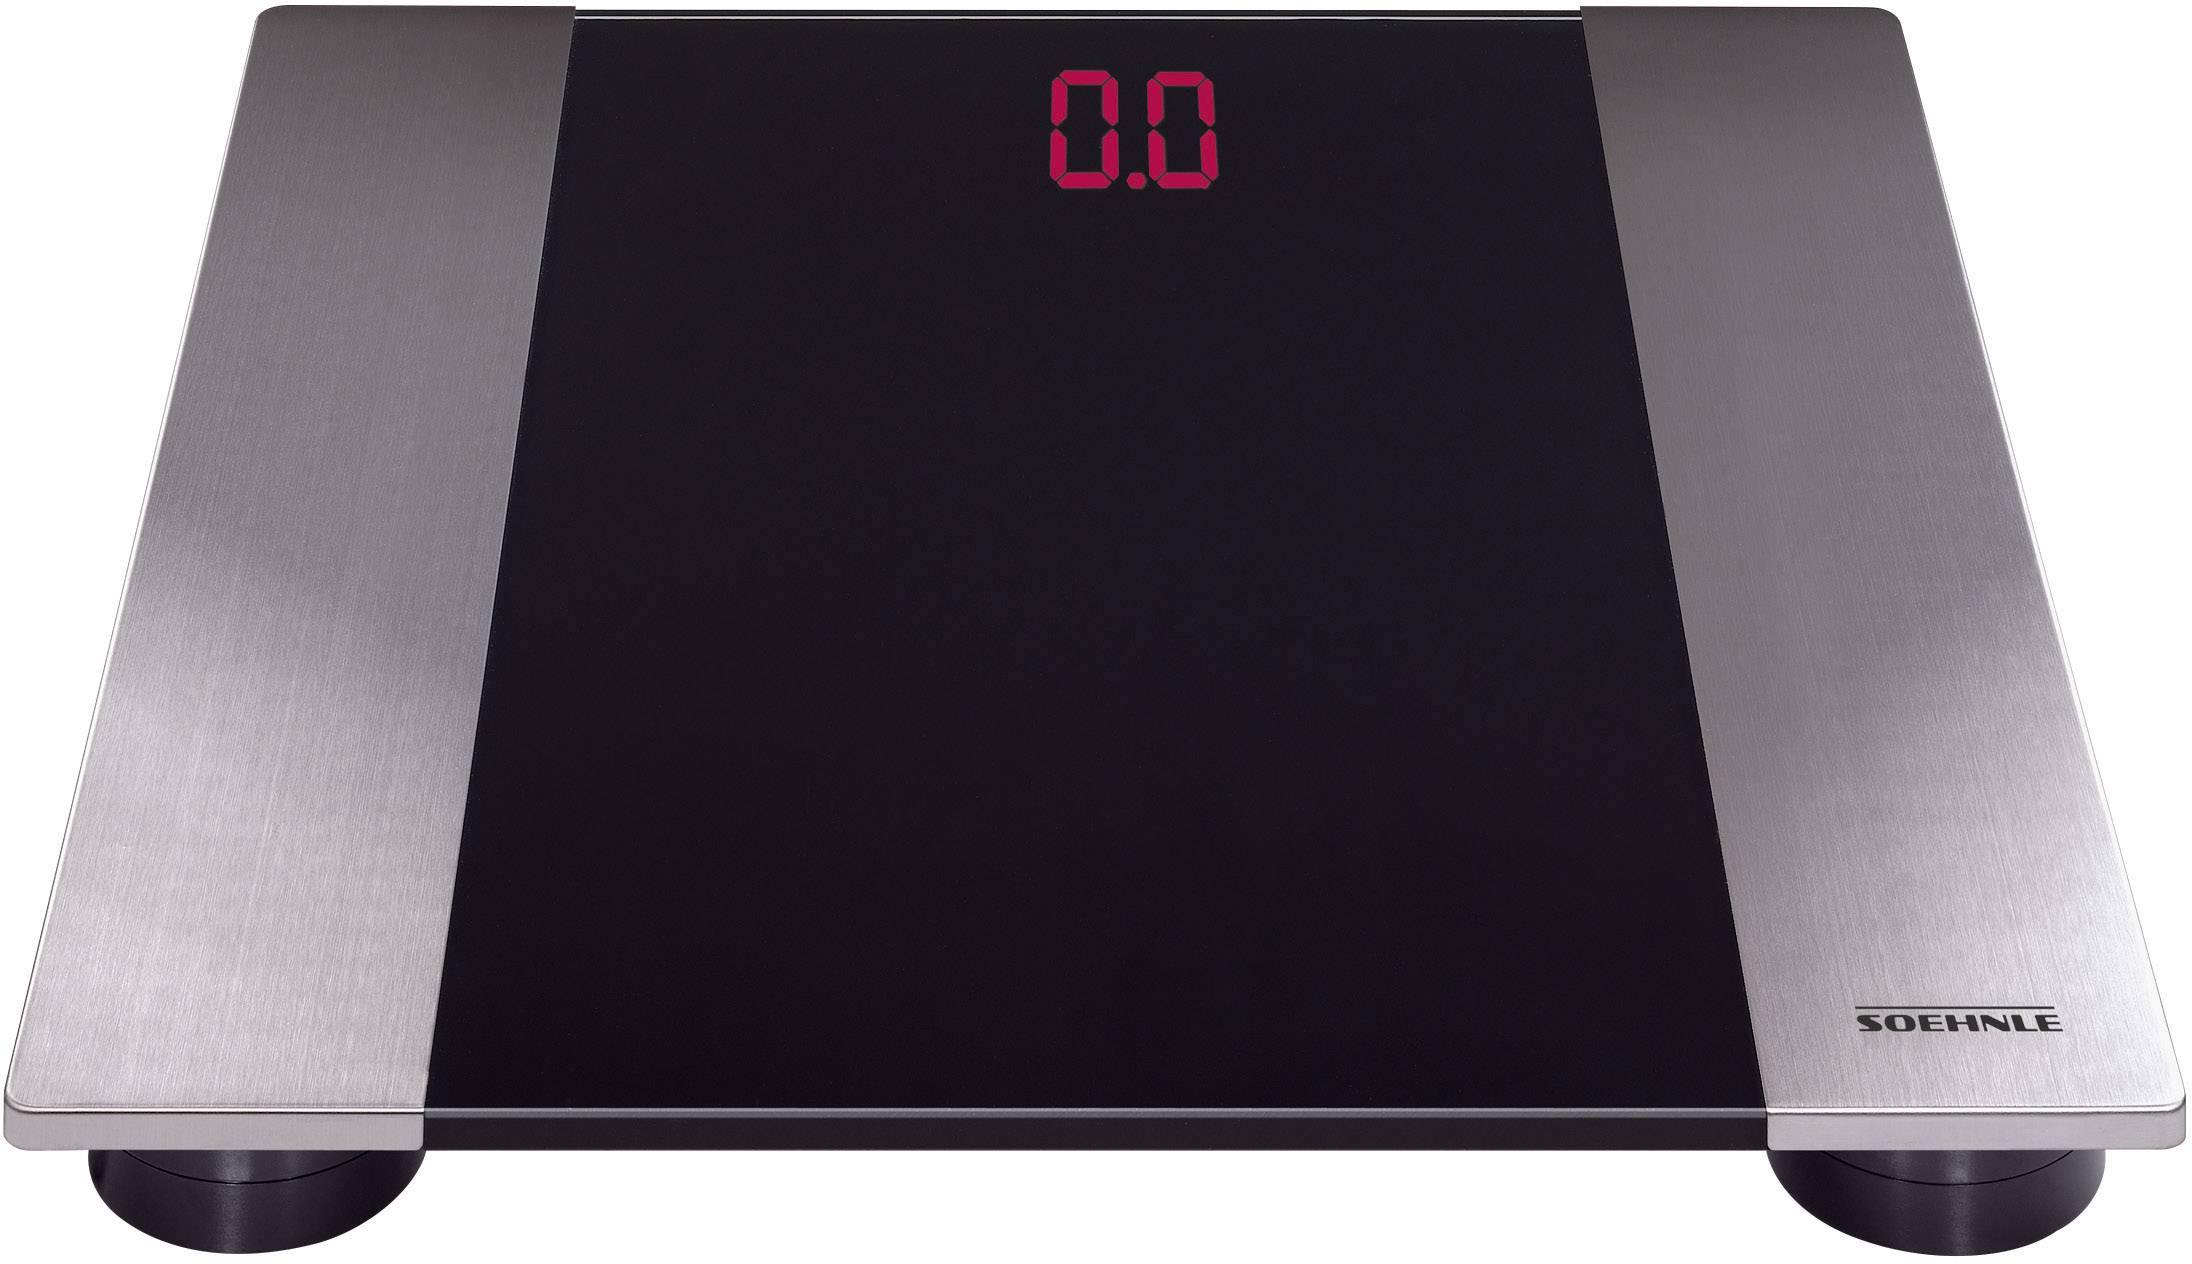 Digitální osobní váha Soehnle Linea, nerezová ocel, černá